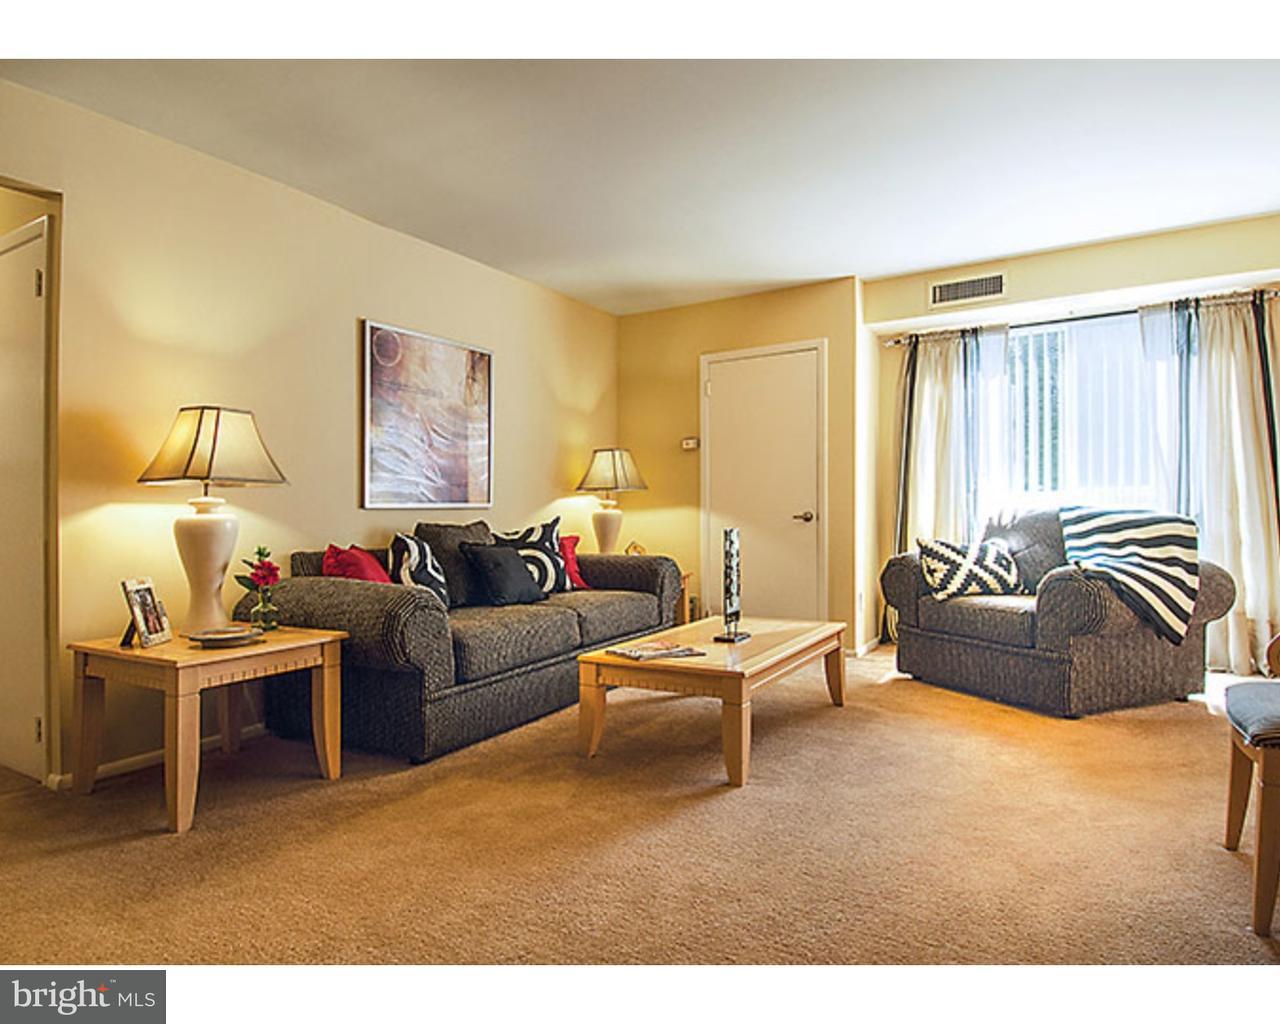 独户住宅 为 出租 在 303 W STATE ST #128 多伊尔斯敦, 宾夕法尼亚州 18901 美国